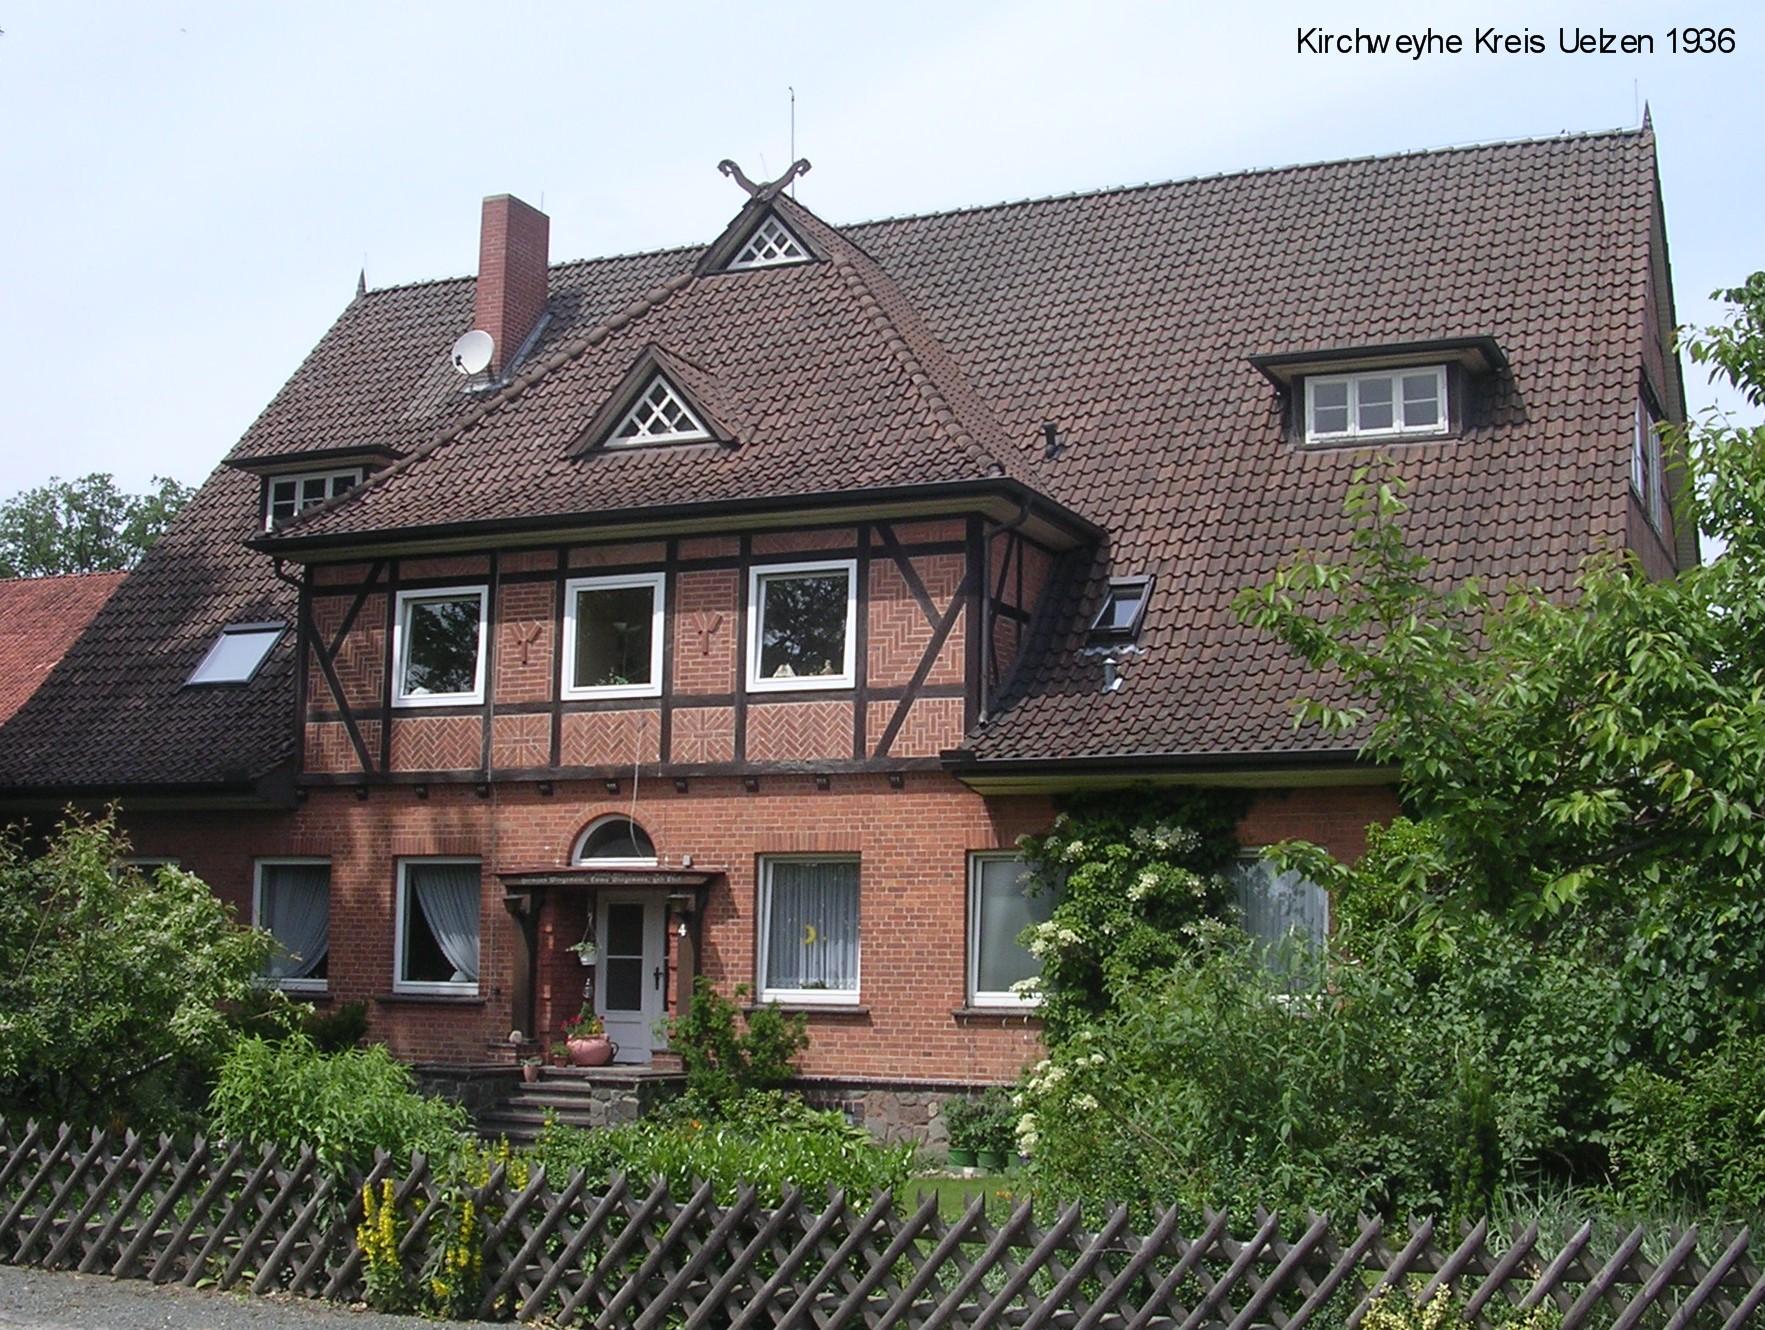 t-1936-kirchweyhe-ue